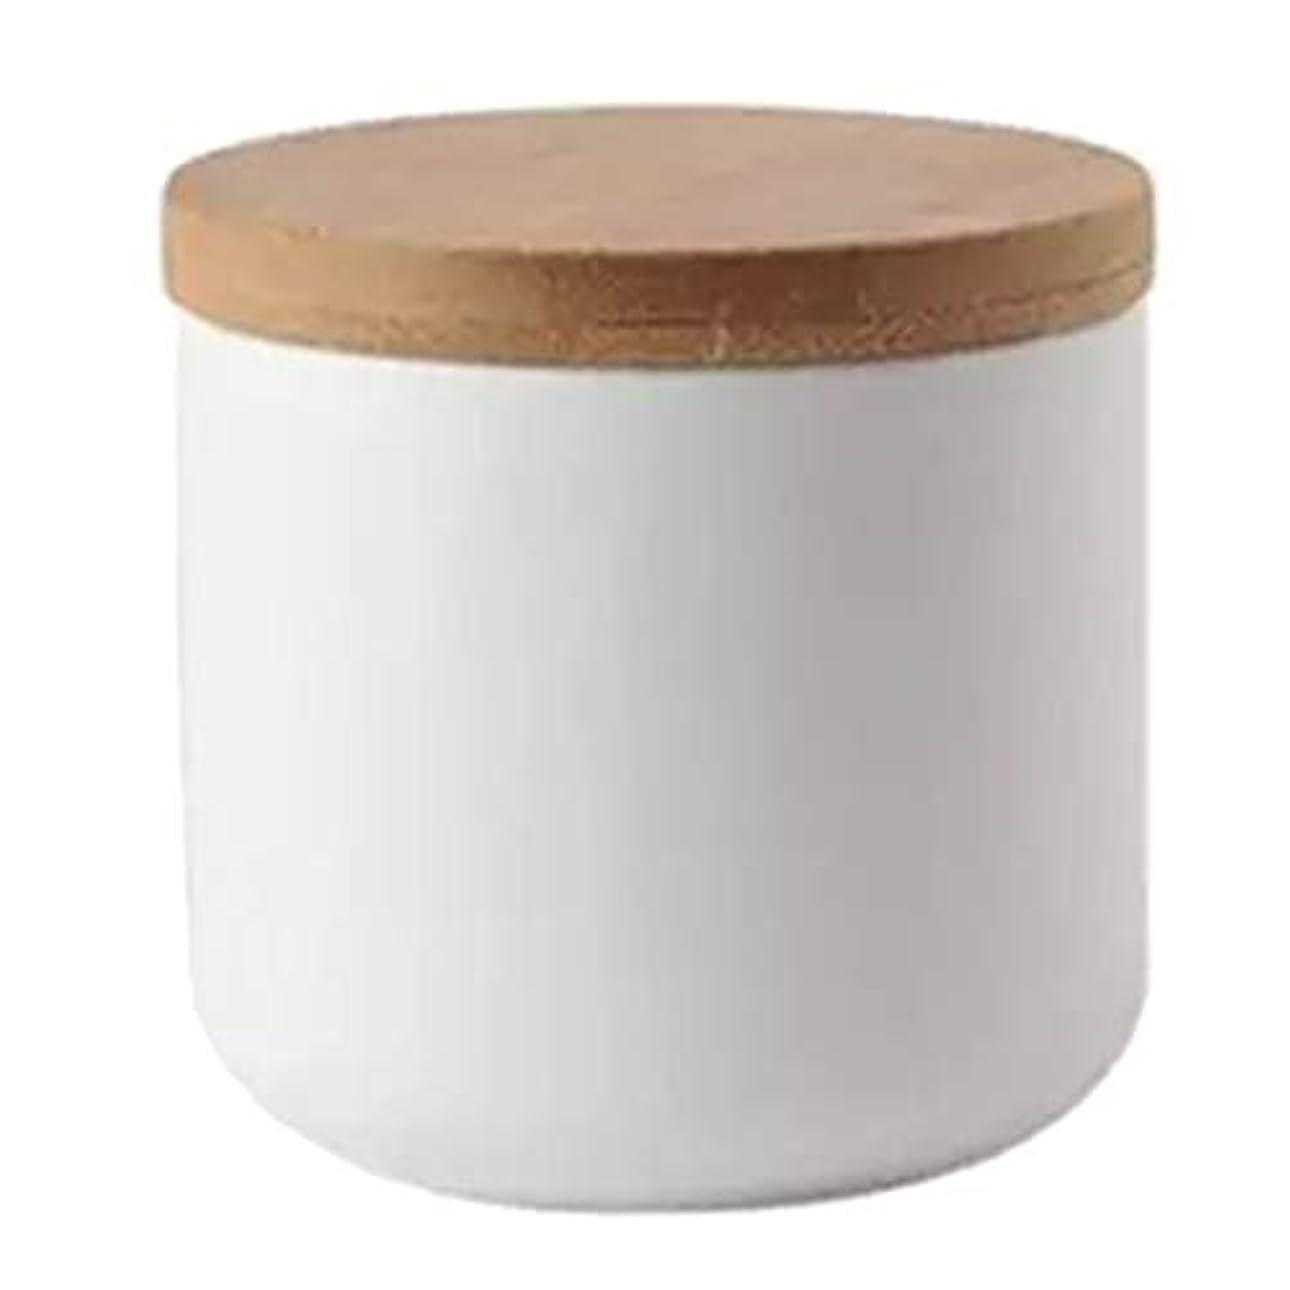 心配退屈統合ネイルリキッドコンテナ ボウル パウダー ドライグッズ ルーズティーリーフ 化粧品 収納ポット 全2色 - 白い